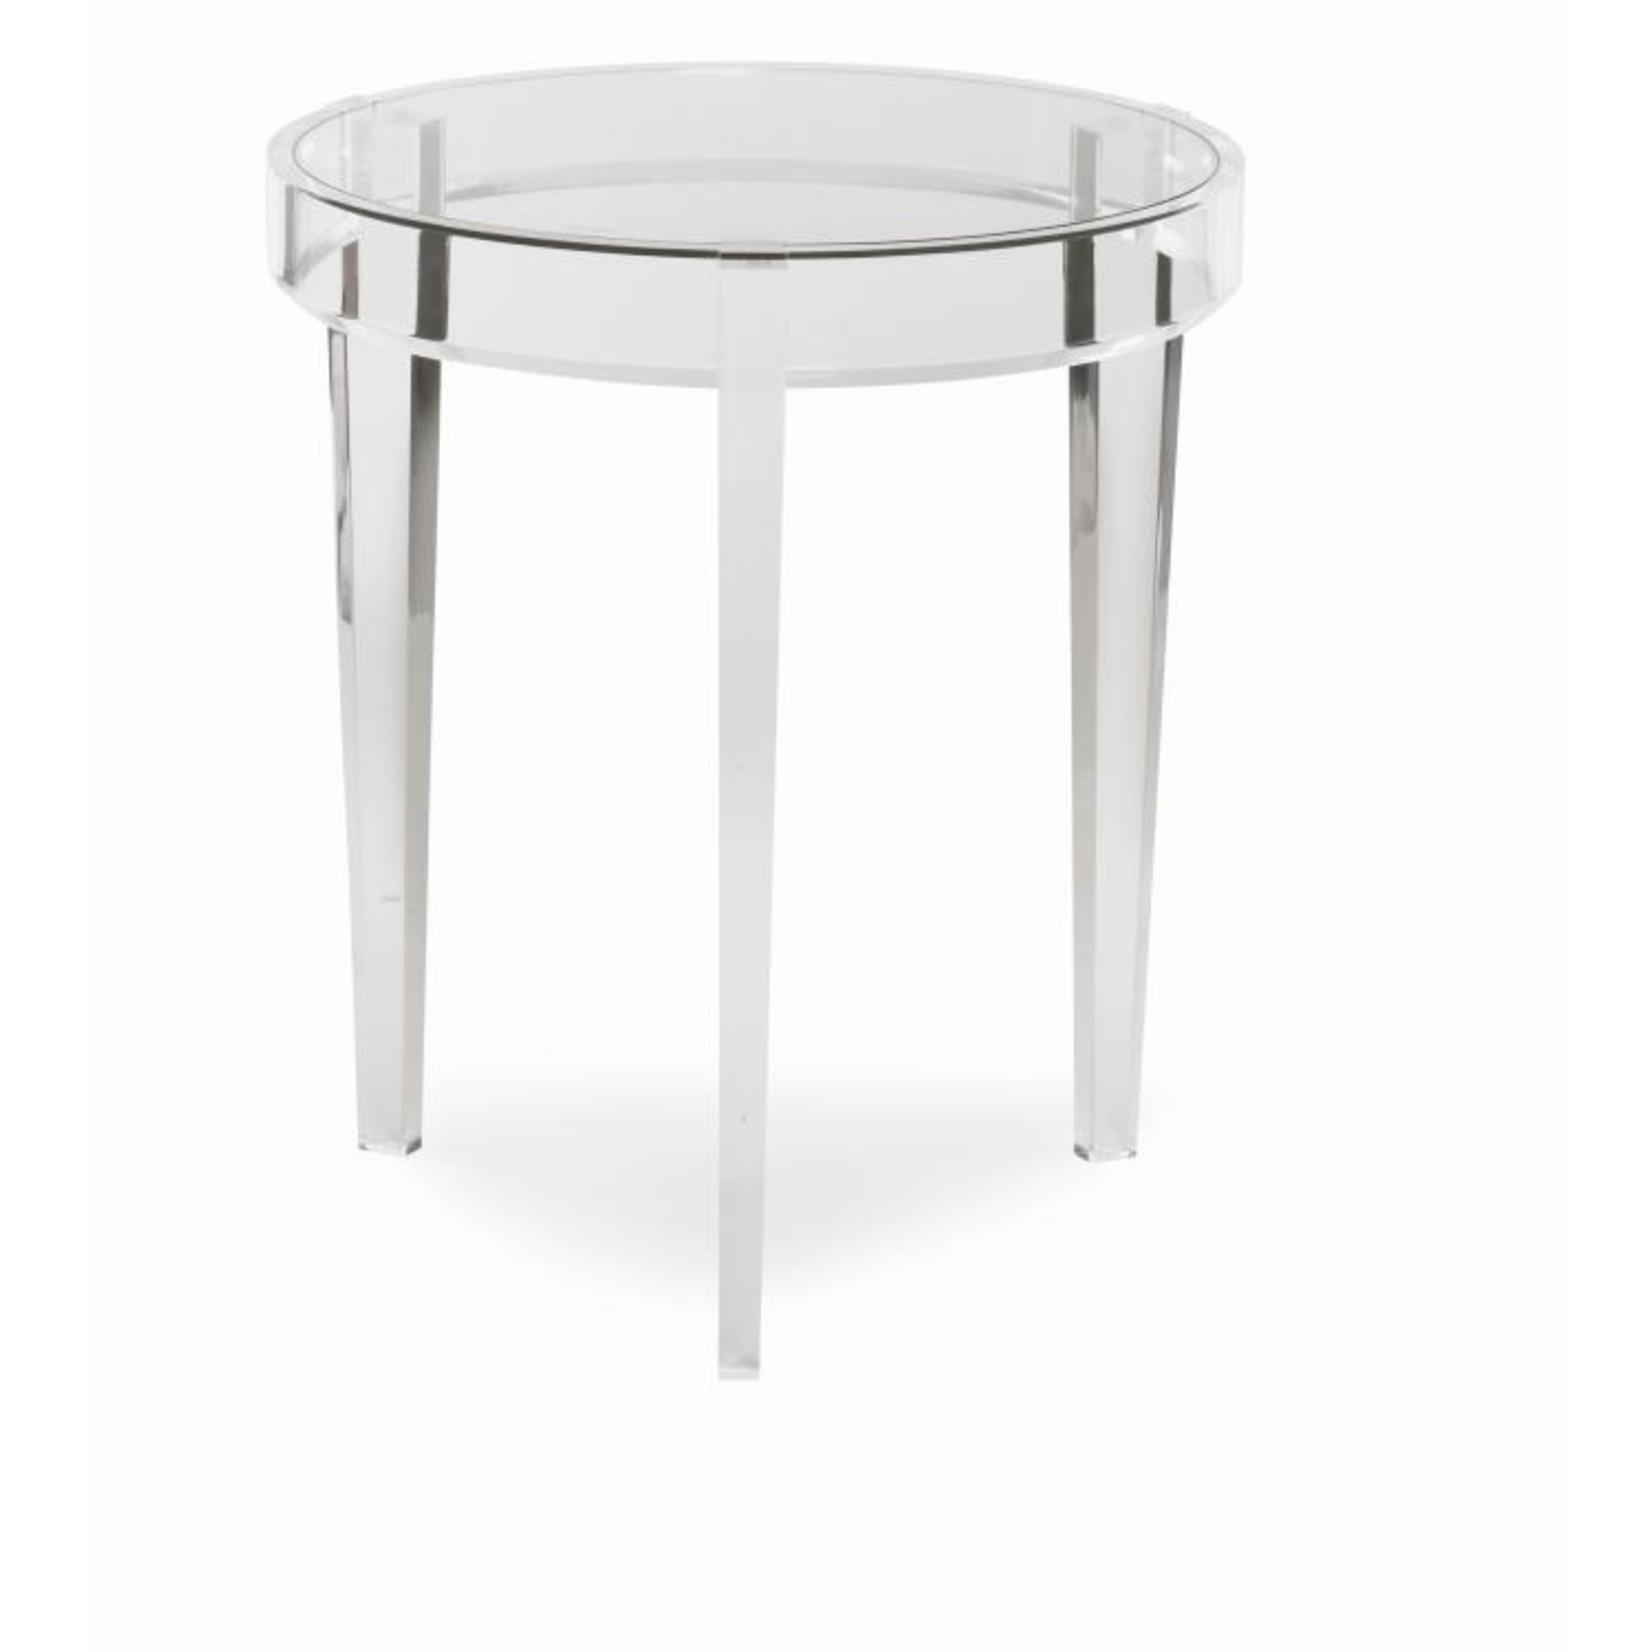 Highland House Wanda Acrylic Accent Table